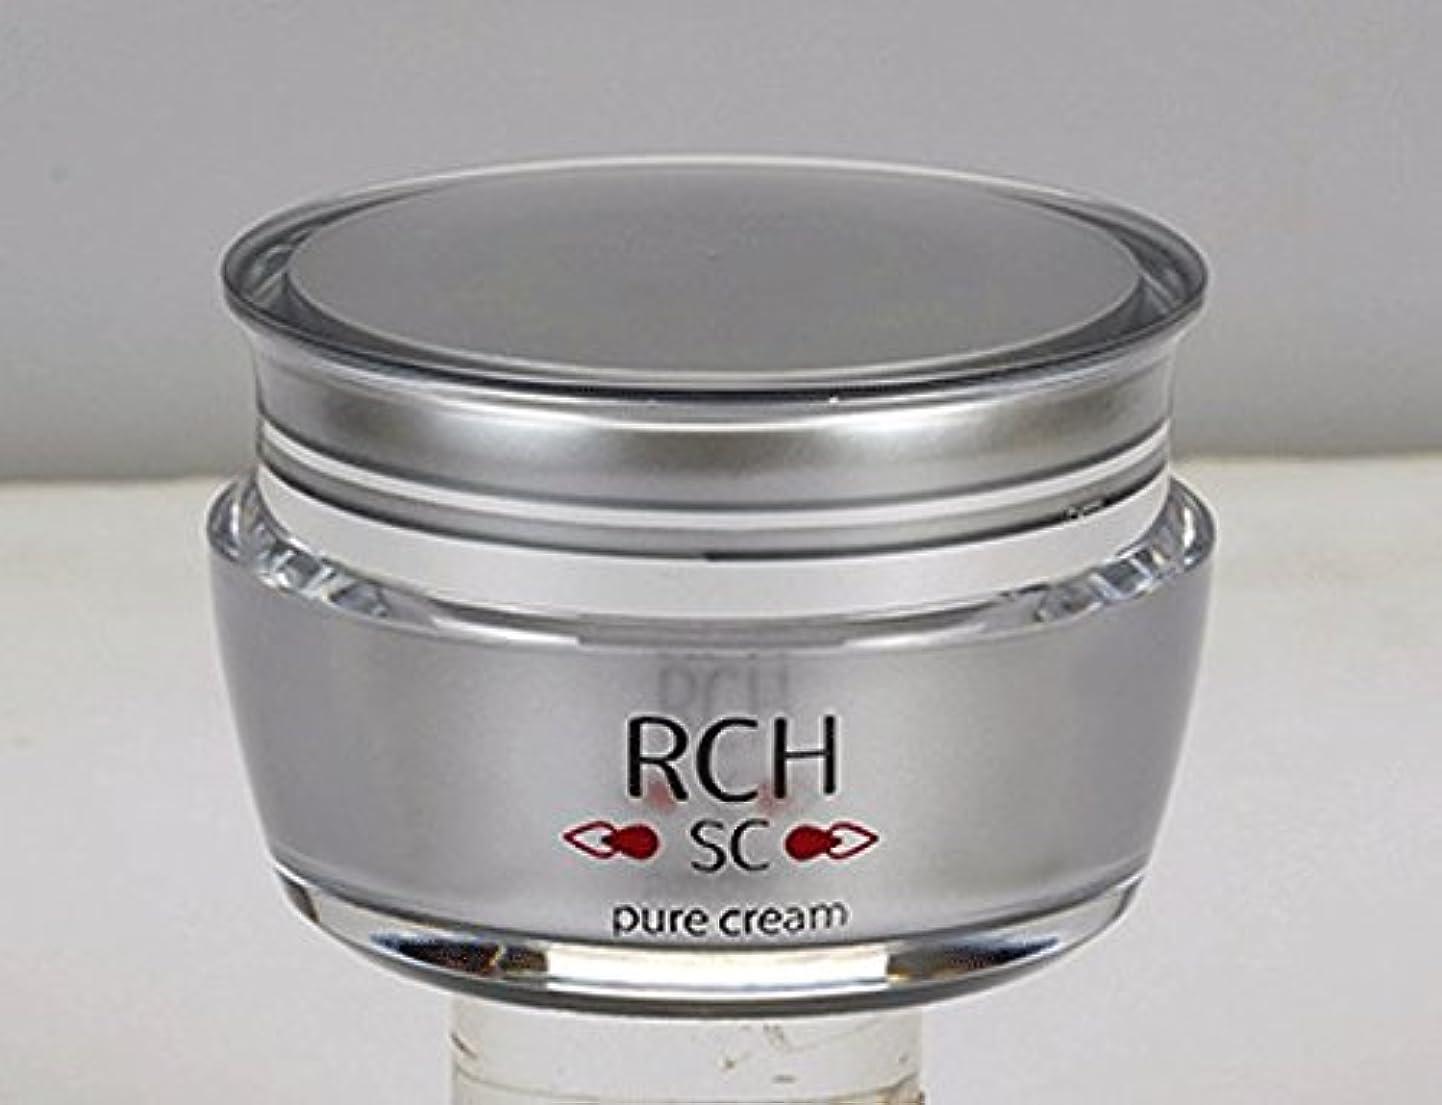 ターミナル半球甘やかすRCH SC ピュアクリーム ヒト脂肪細胞培養液配合クリーム